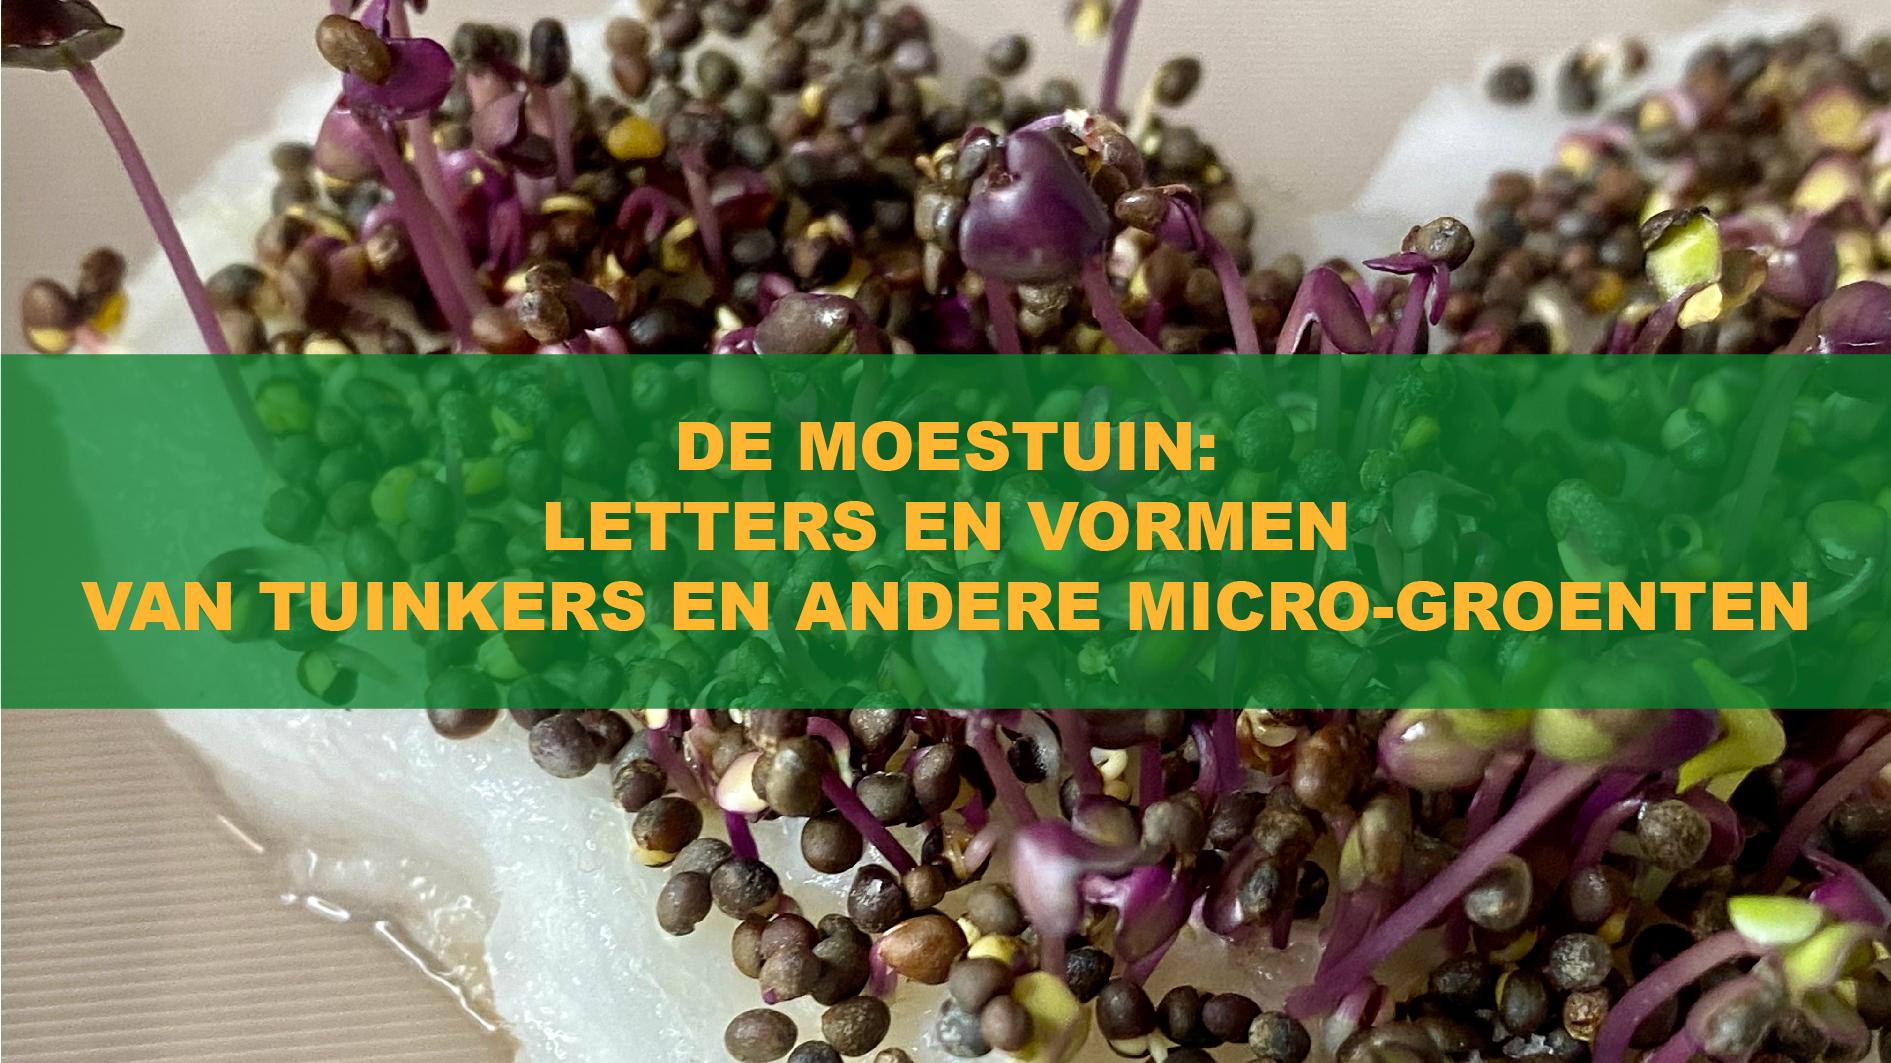 De Moestuin: Letters En Vormen Van Tuinkers En Andere Micro-Groenten